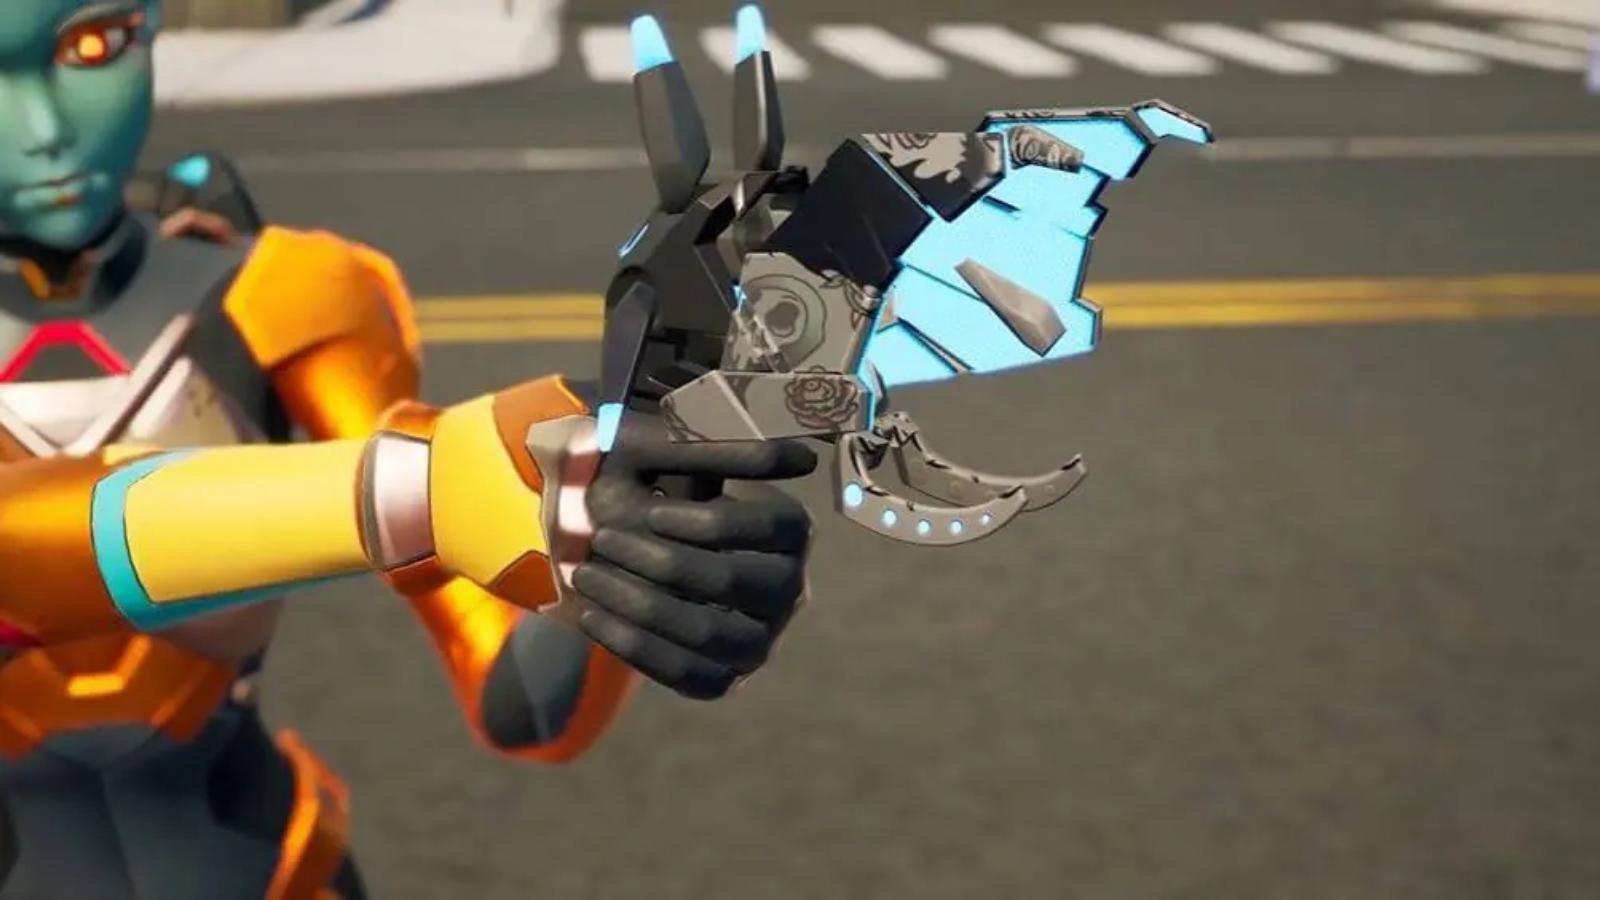 Cañón de plasma Fortnite: nuevos detalles de armas en la temporada 7, dónde encontrar y más